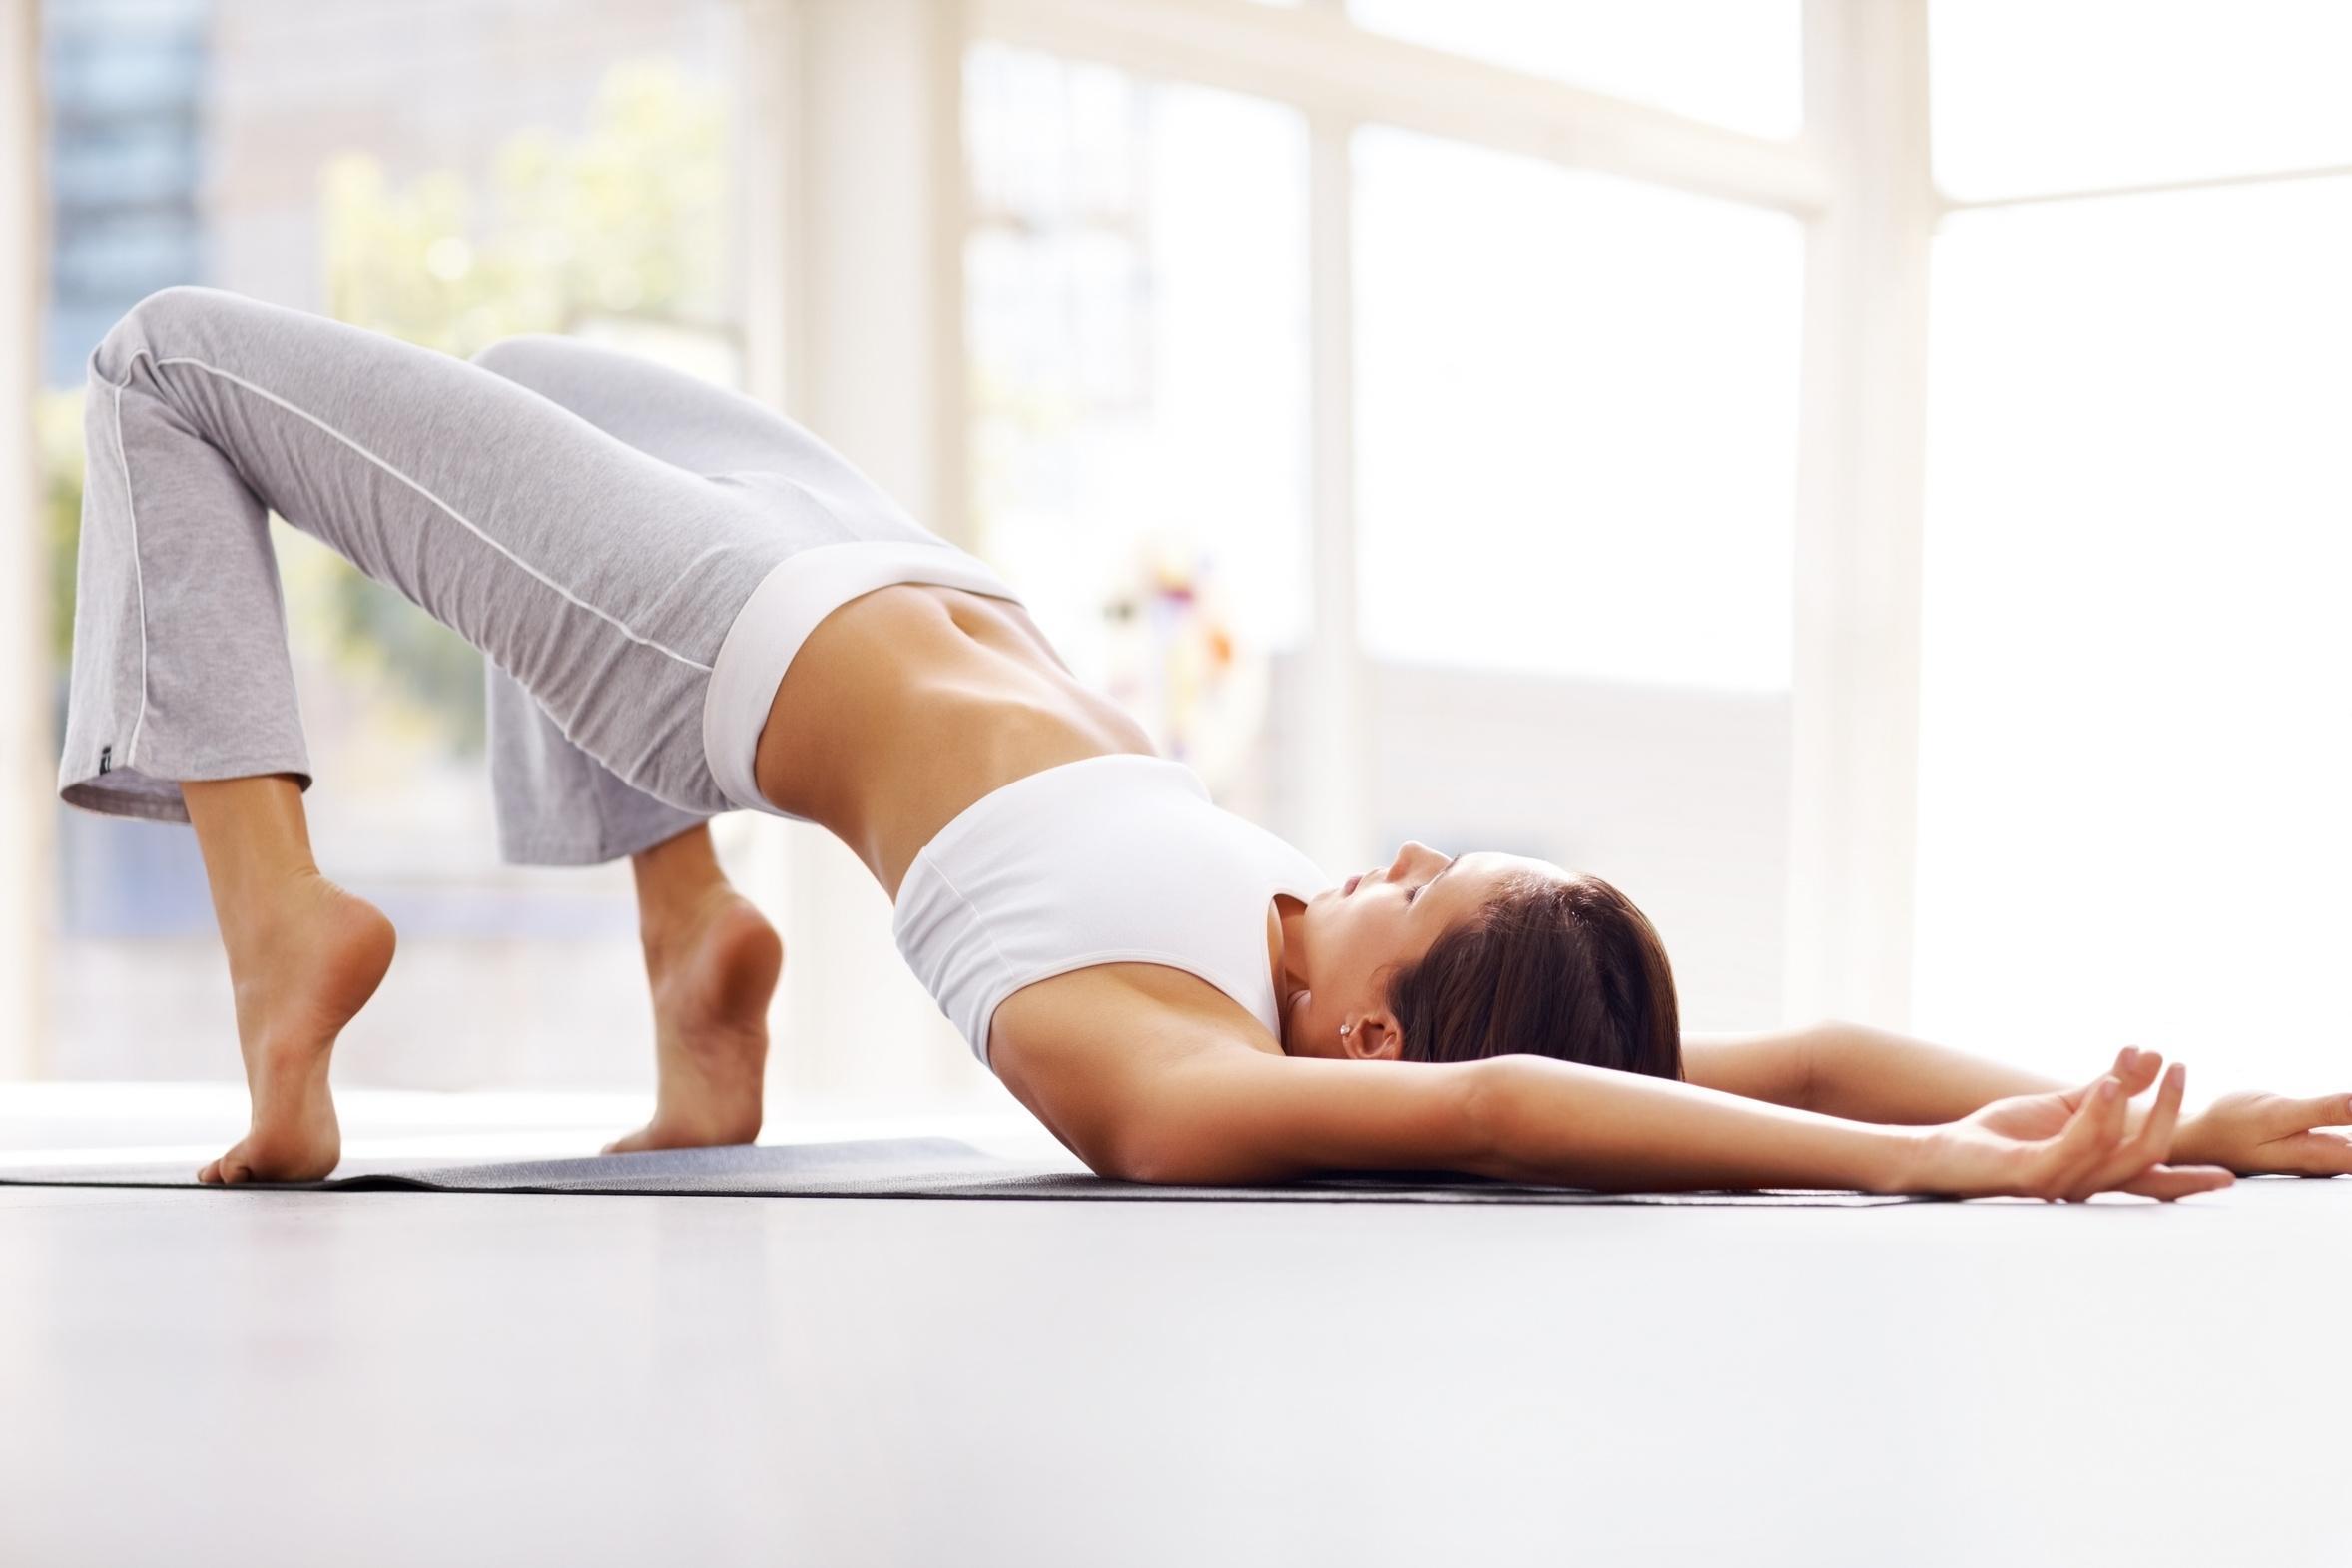 Gimnastica terapeutică cu impotență: cum să o faci corect, astfel încât penisul să stea?